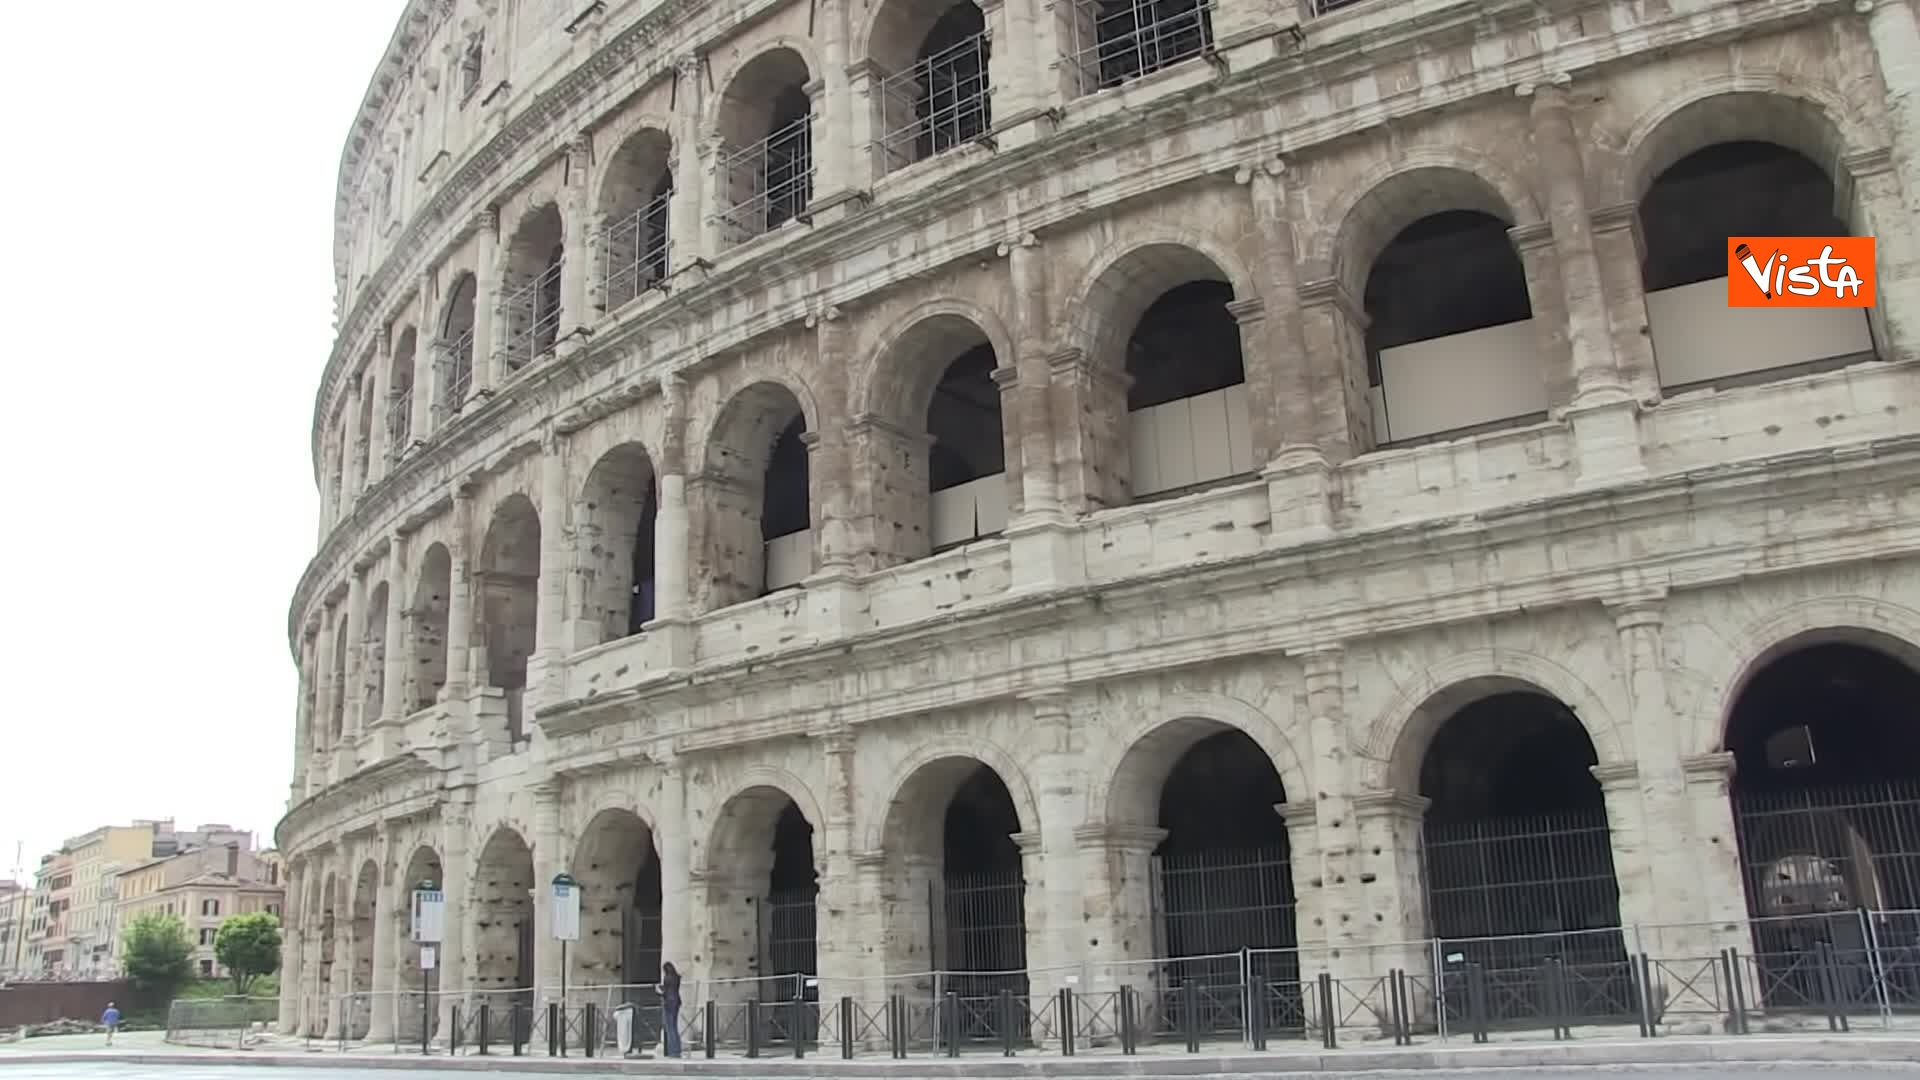 13-05-20 Colosseo deserto gli unici rumori che si sentono sono quelli dei lavori della metro C